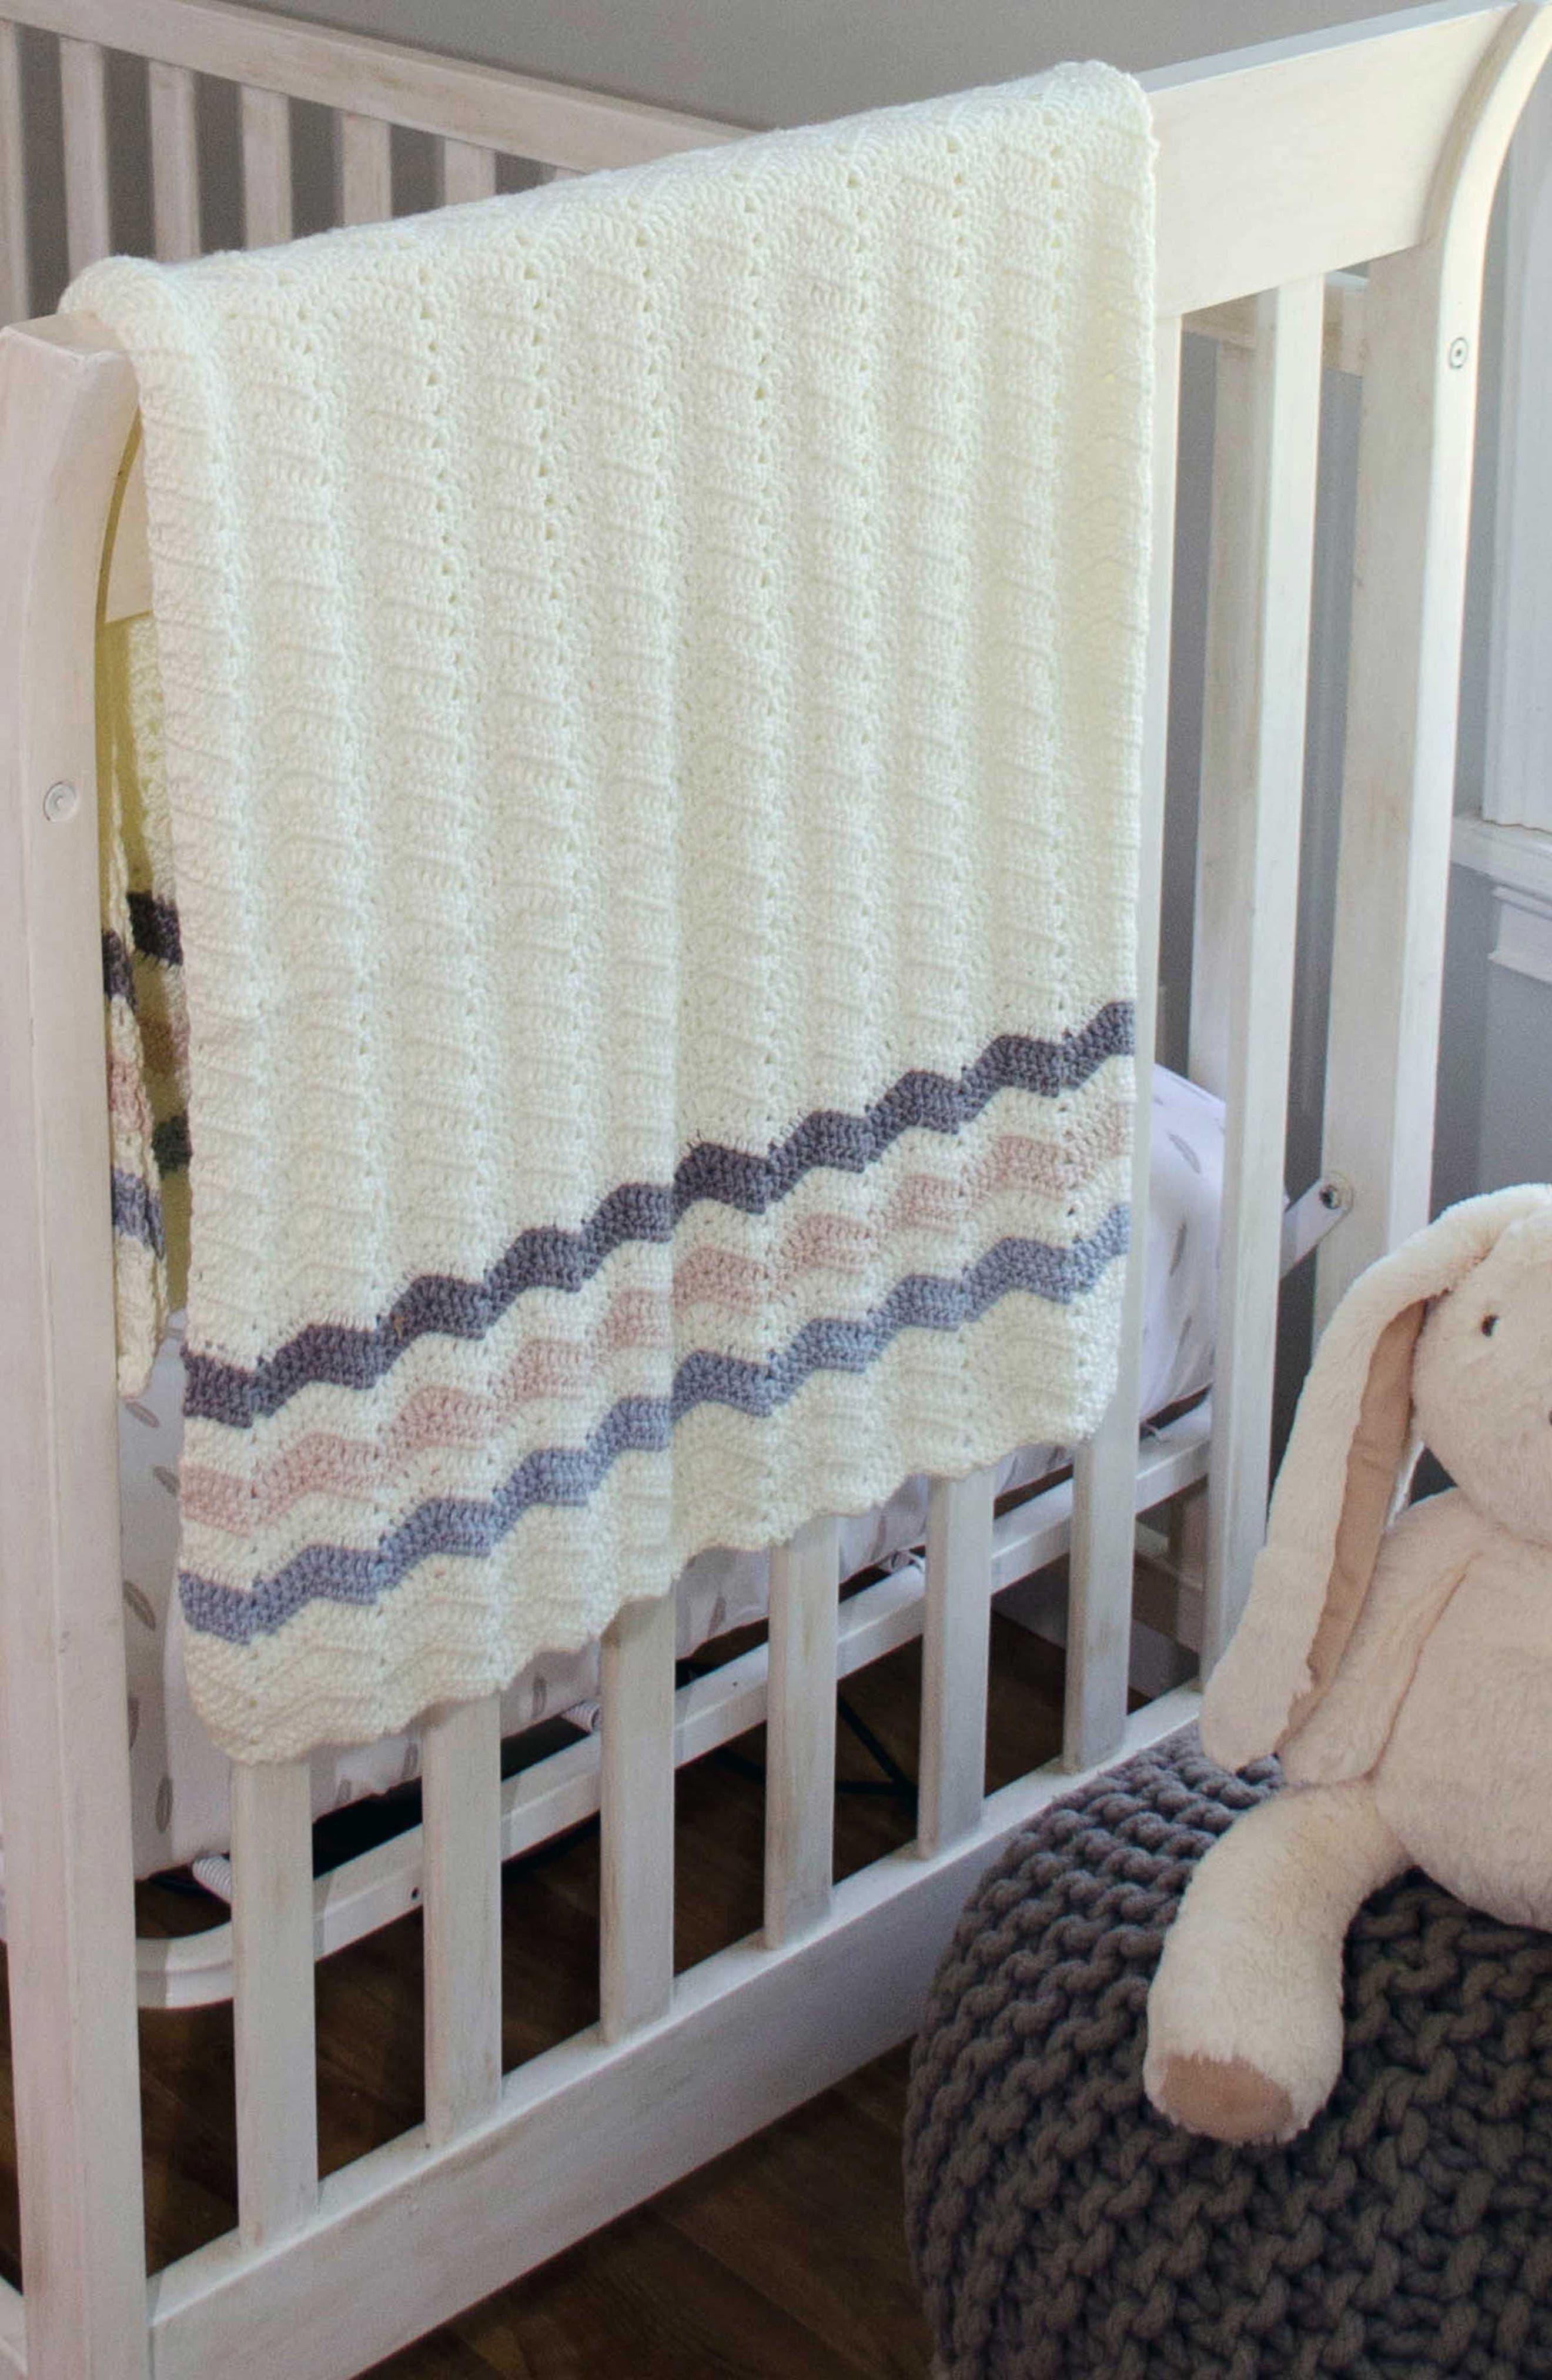 Ripple Crocheted Blanket,                             Alternate thumbnail 7, color,                             Blue